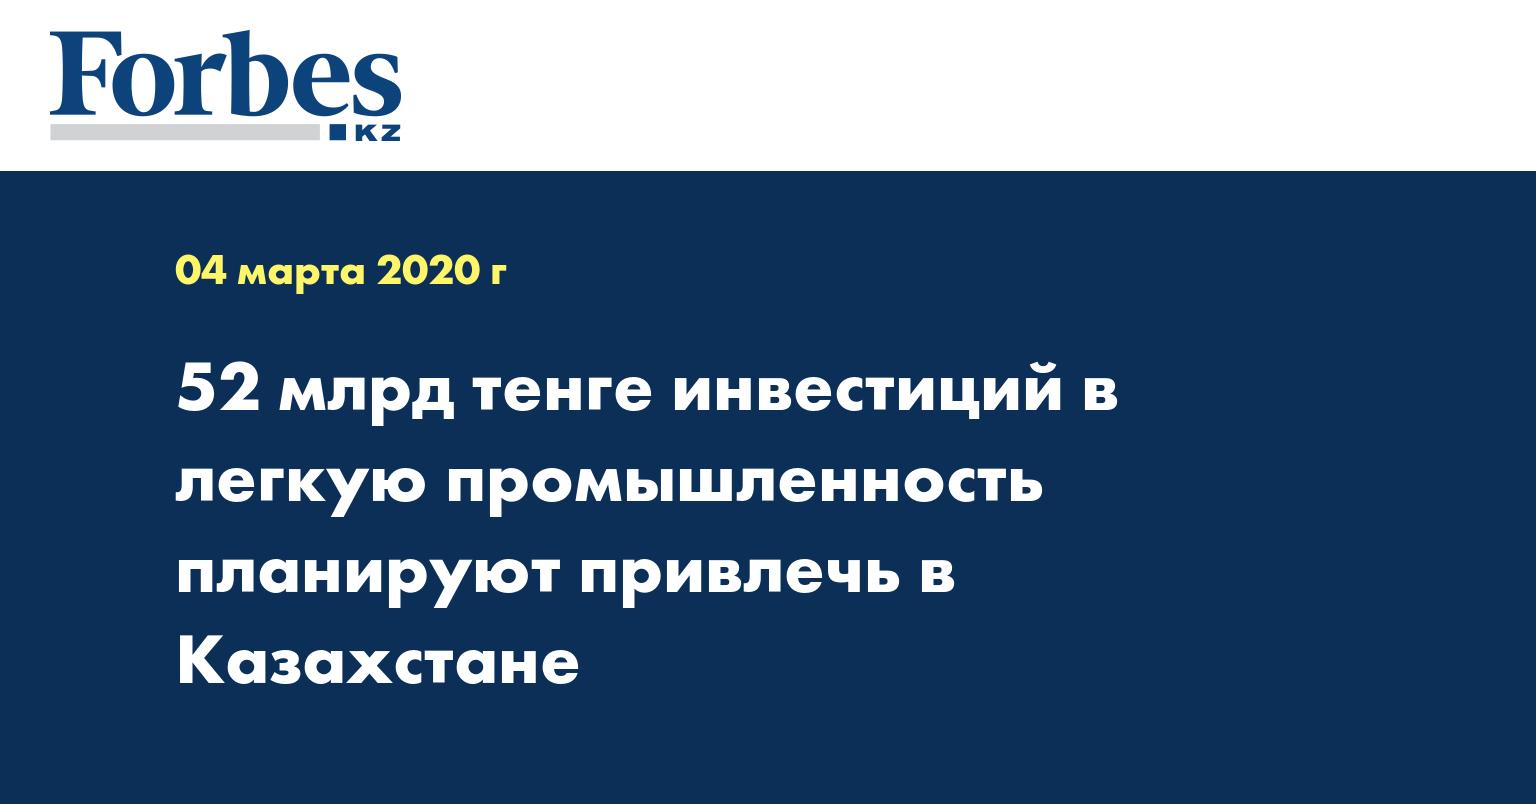 52 млрд тенге инвестиций в легкую промышленность планируют привлечь в Казахстане